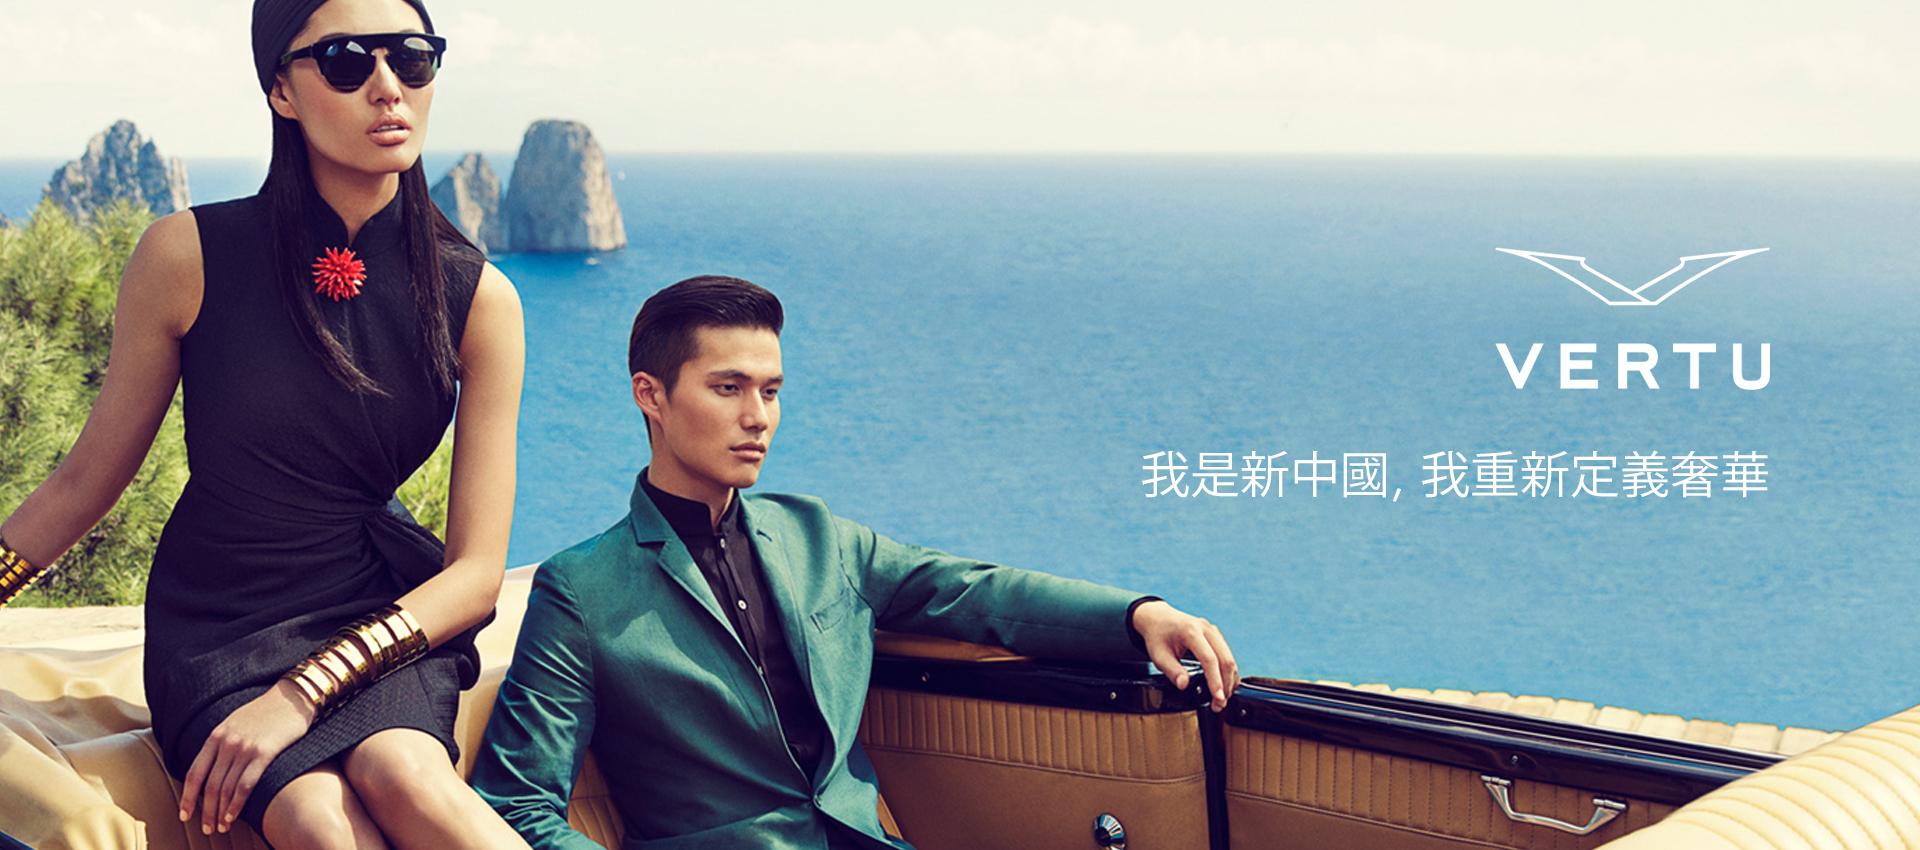 Vertu - curventa - mood - chinese - asian - luxury - premium - culture